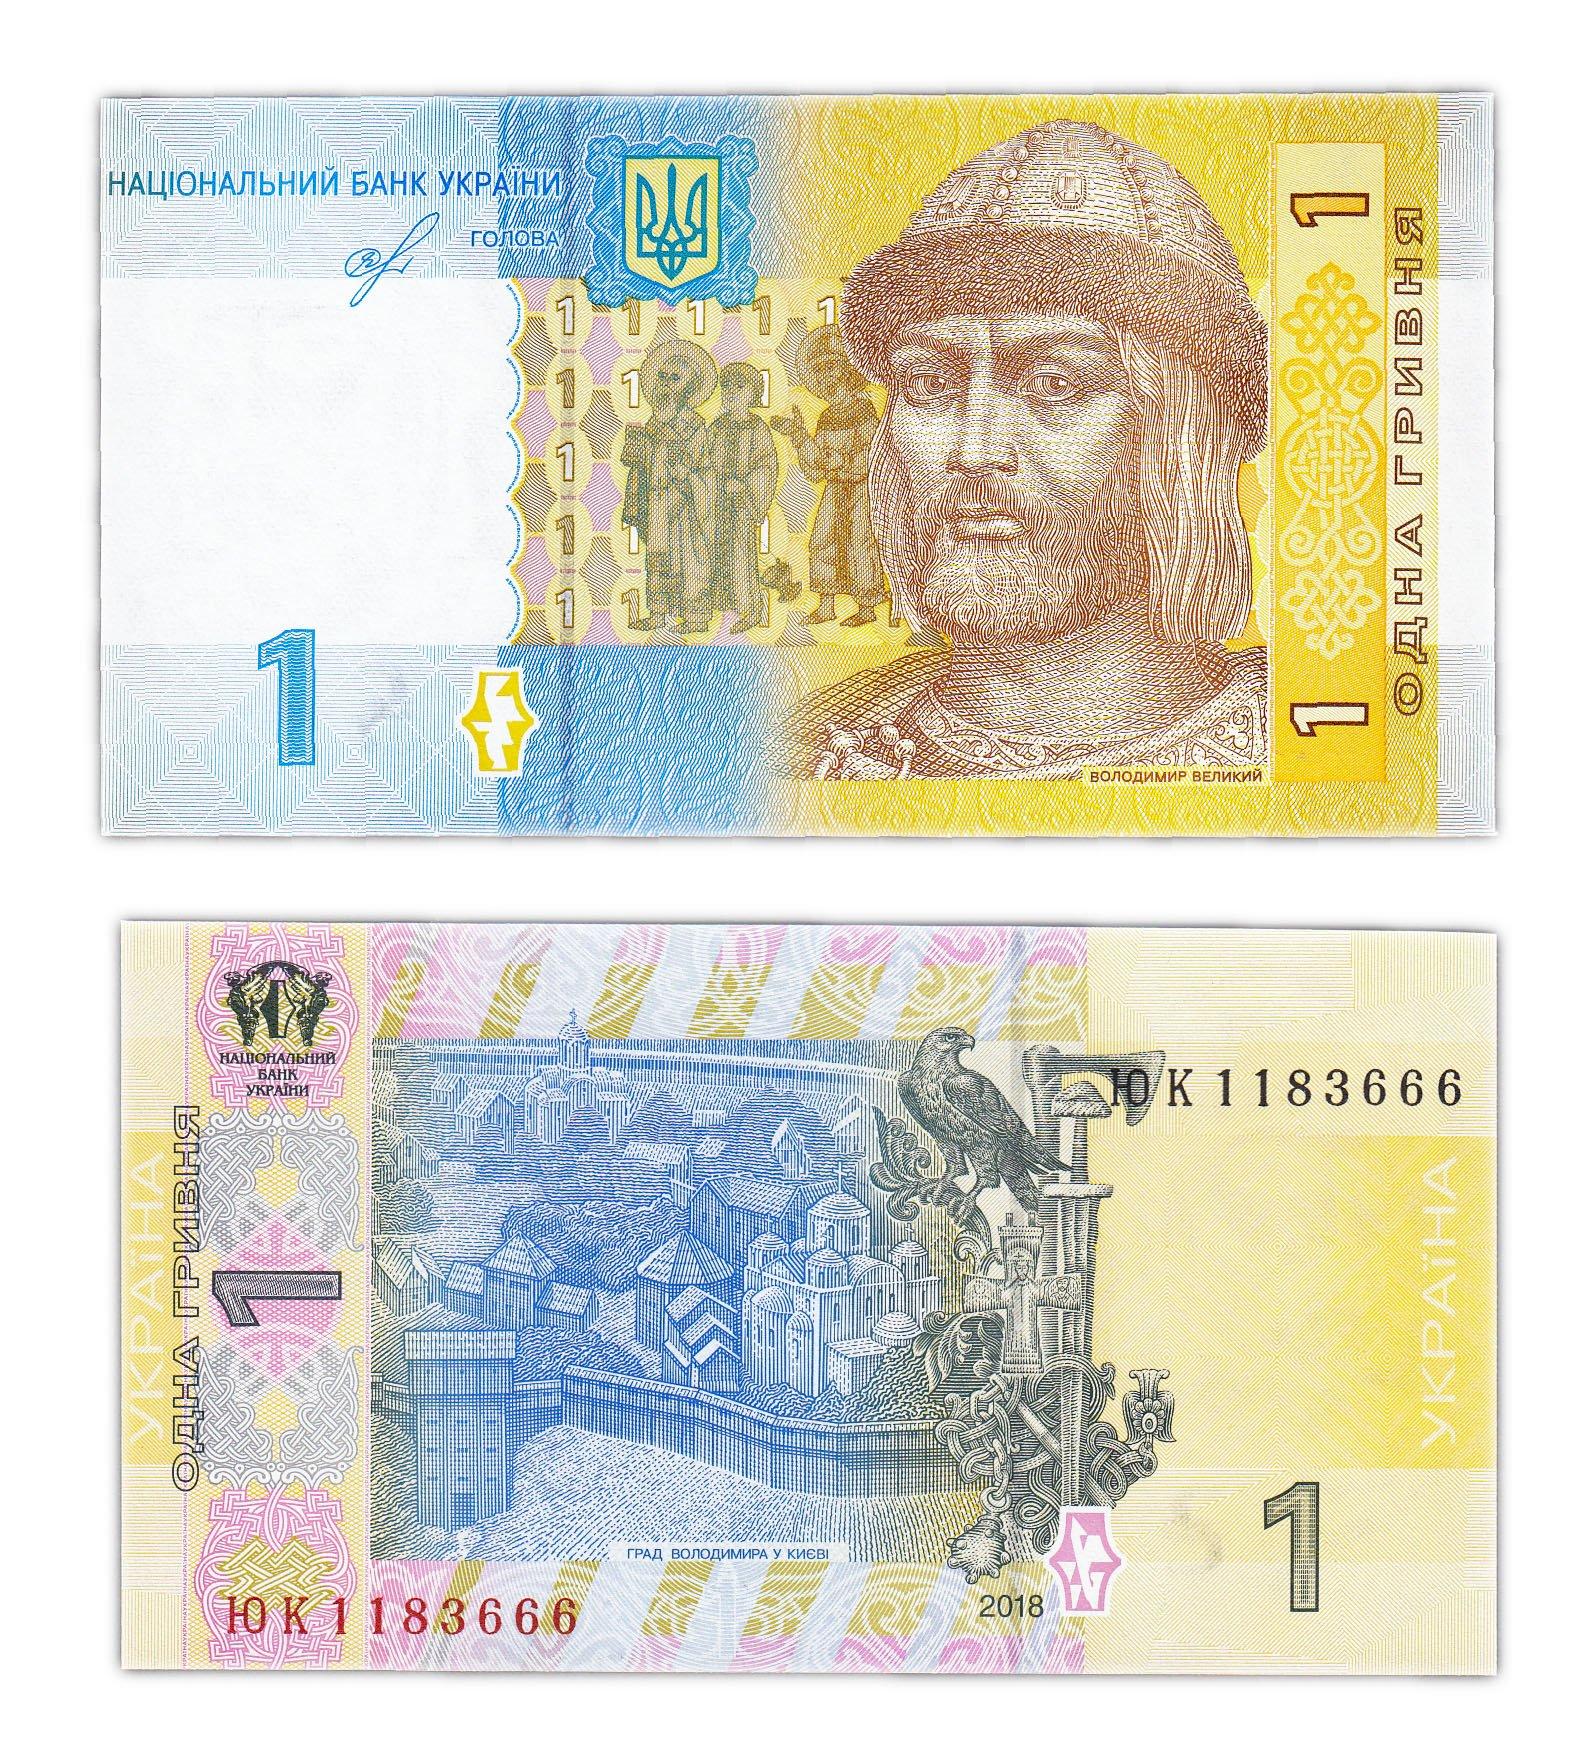 Деньги украины в картинках